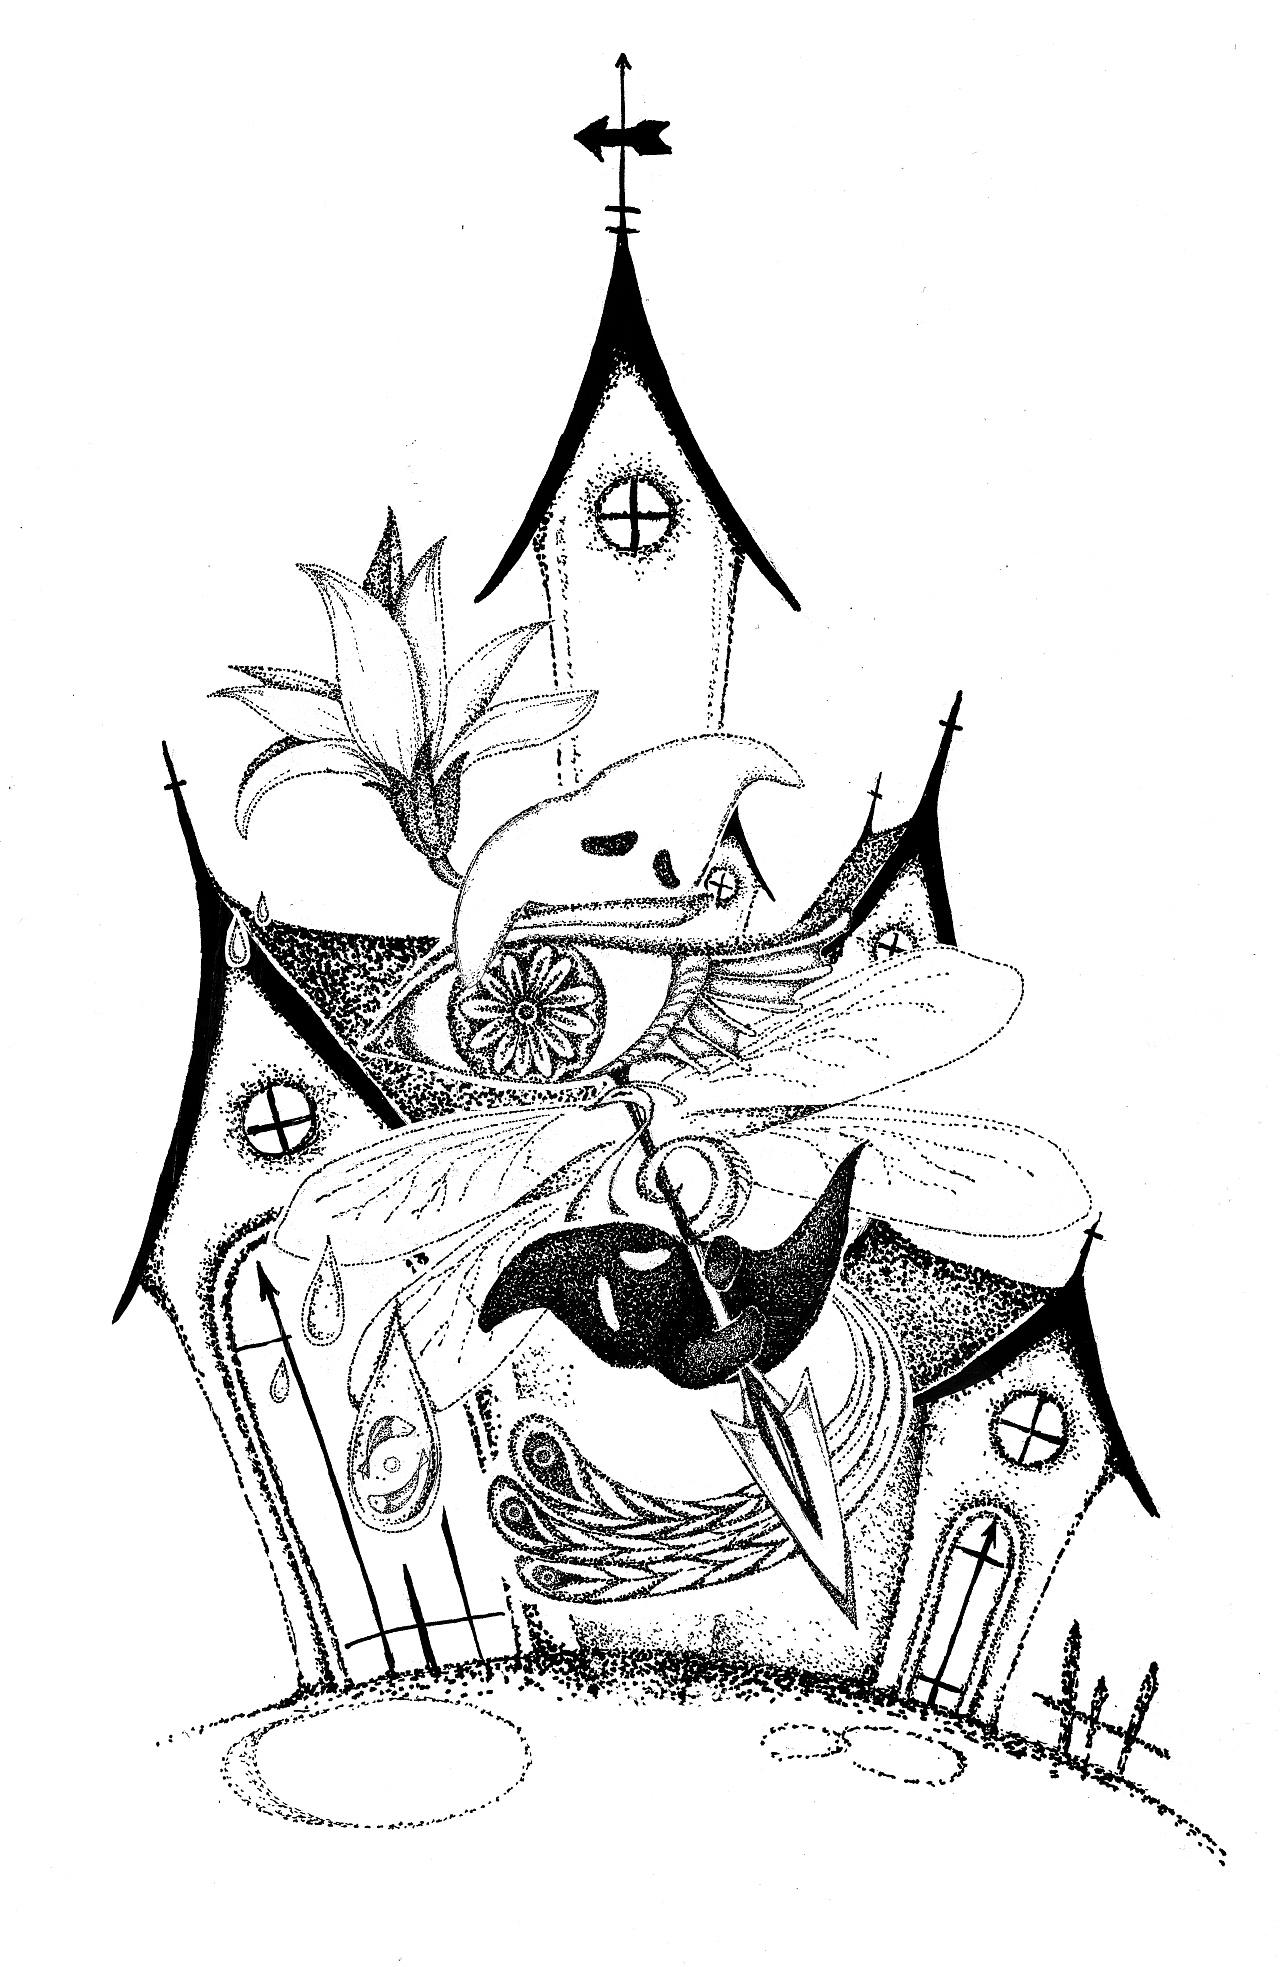 手绘插画| 黑白点阵